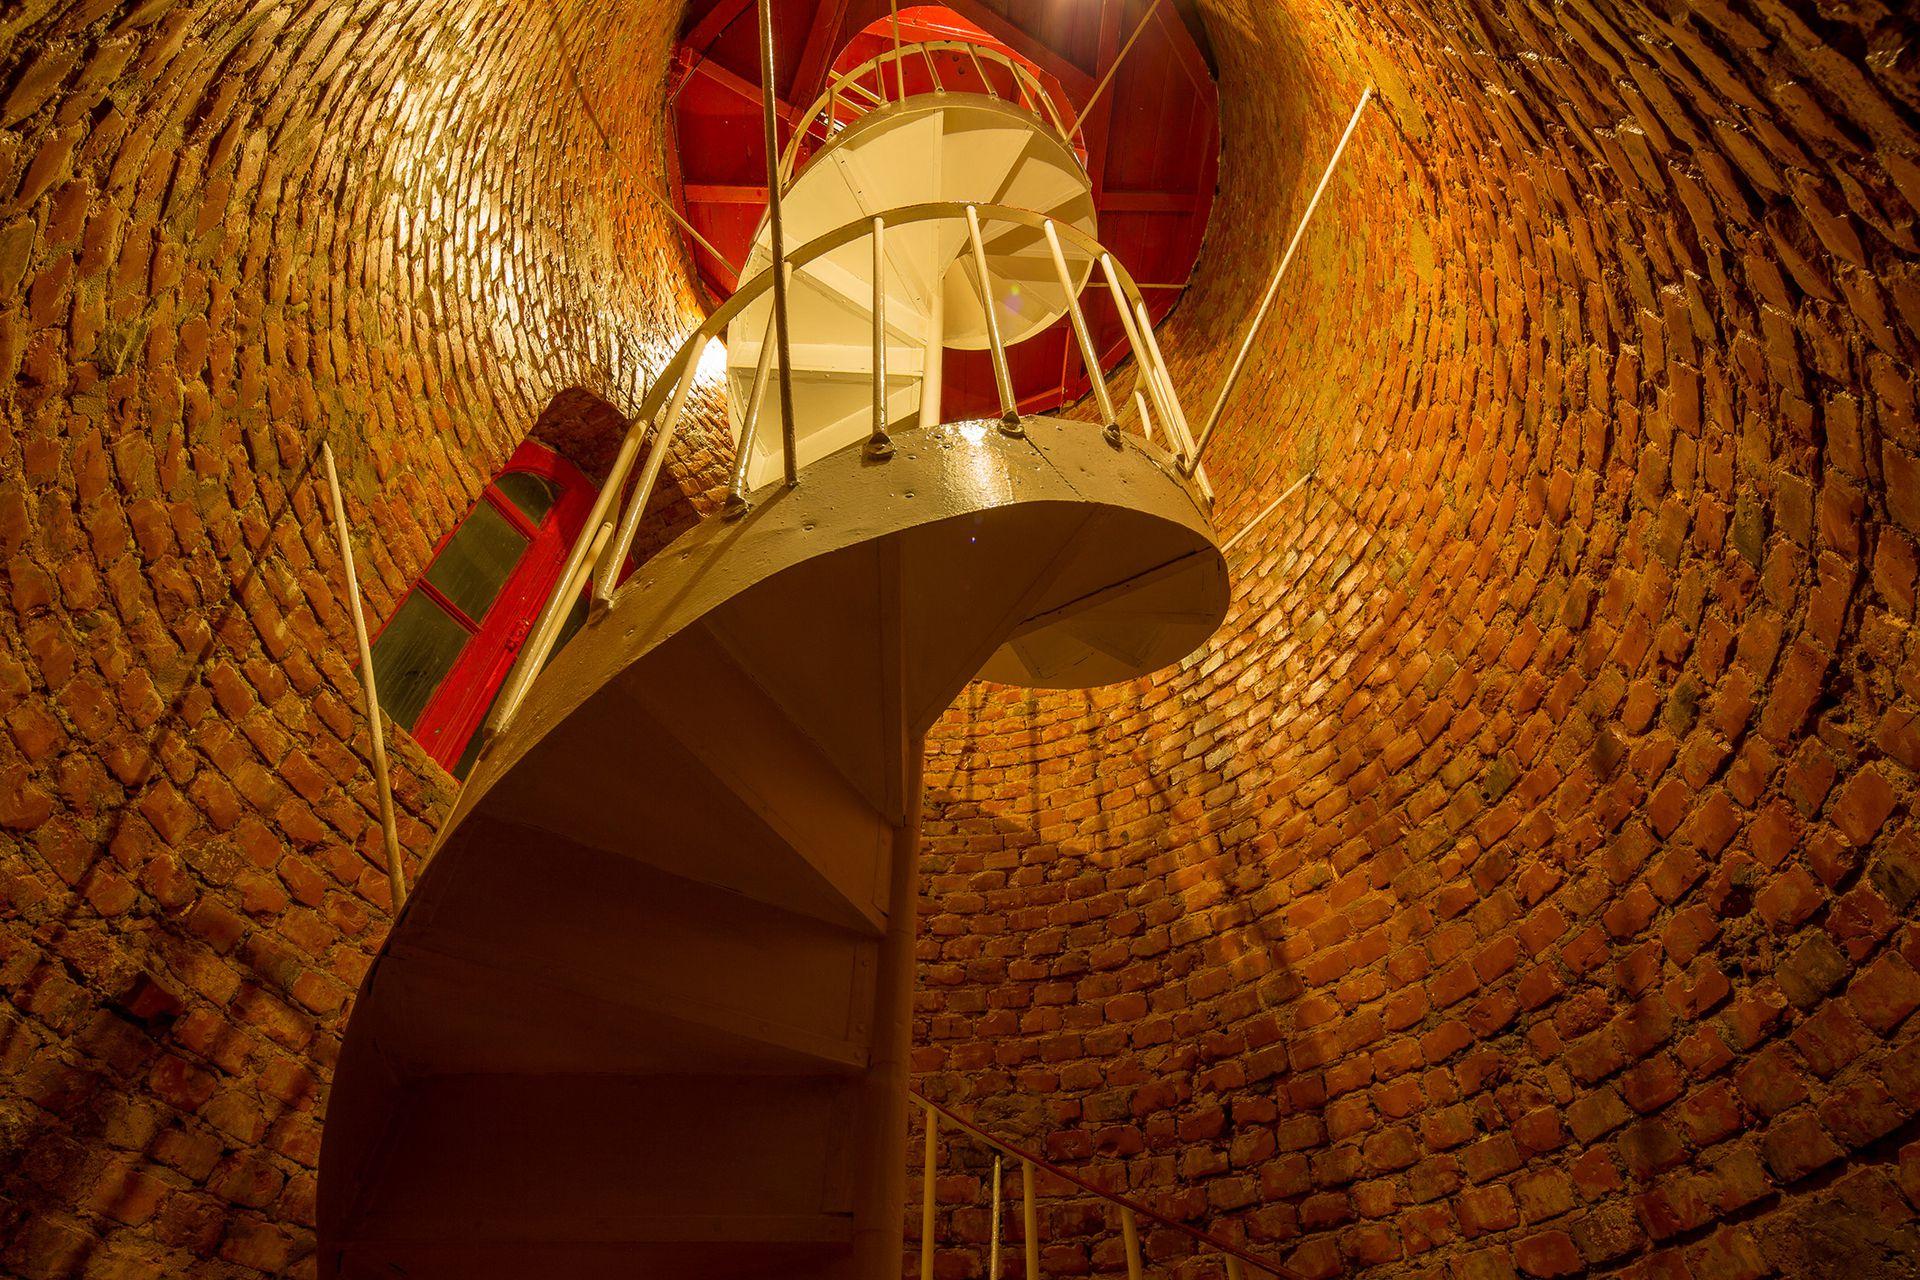 Escalera caracol en el interior del faro de Punta Delgada, en Península Valdés.